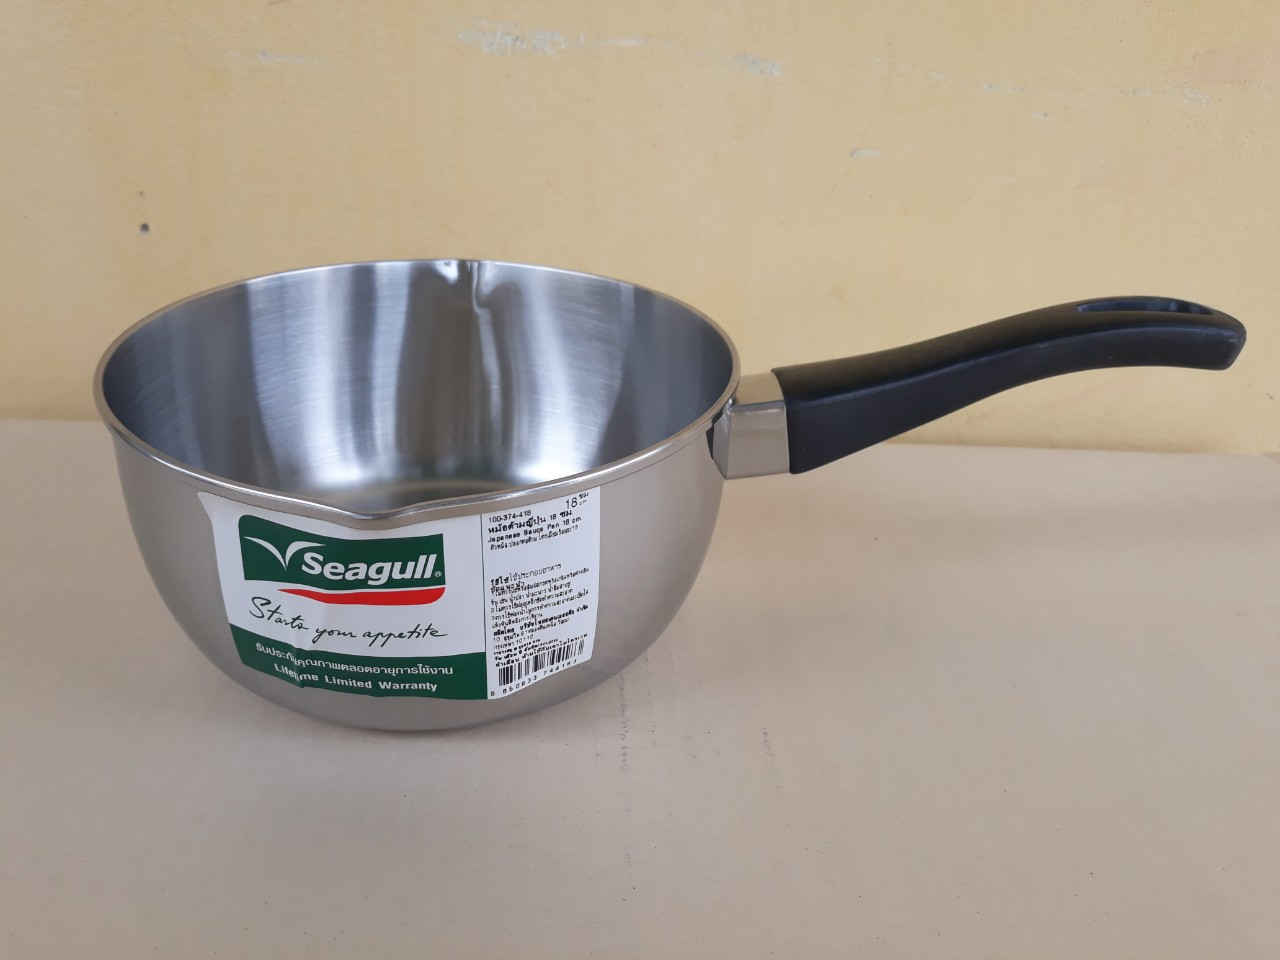 Nồi nấu có tay cầm không nắp seagull 18cm - 1.8 lít (Japanese) - dùng được cho bếp từ 100374418